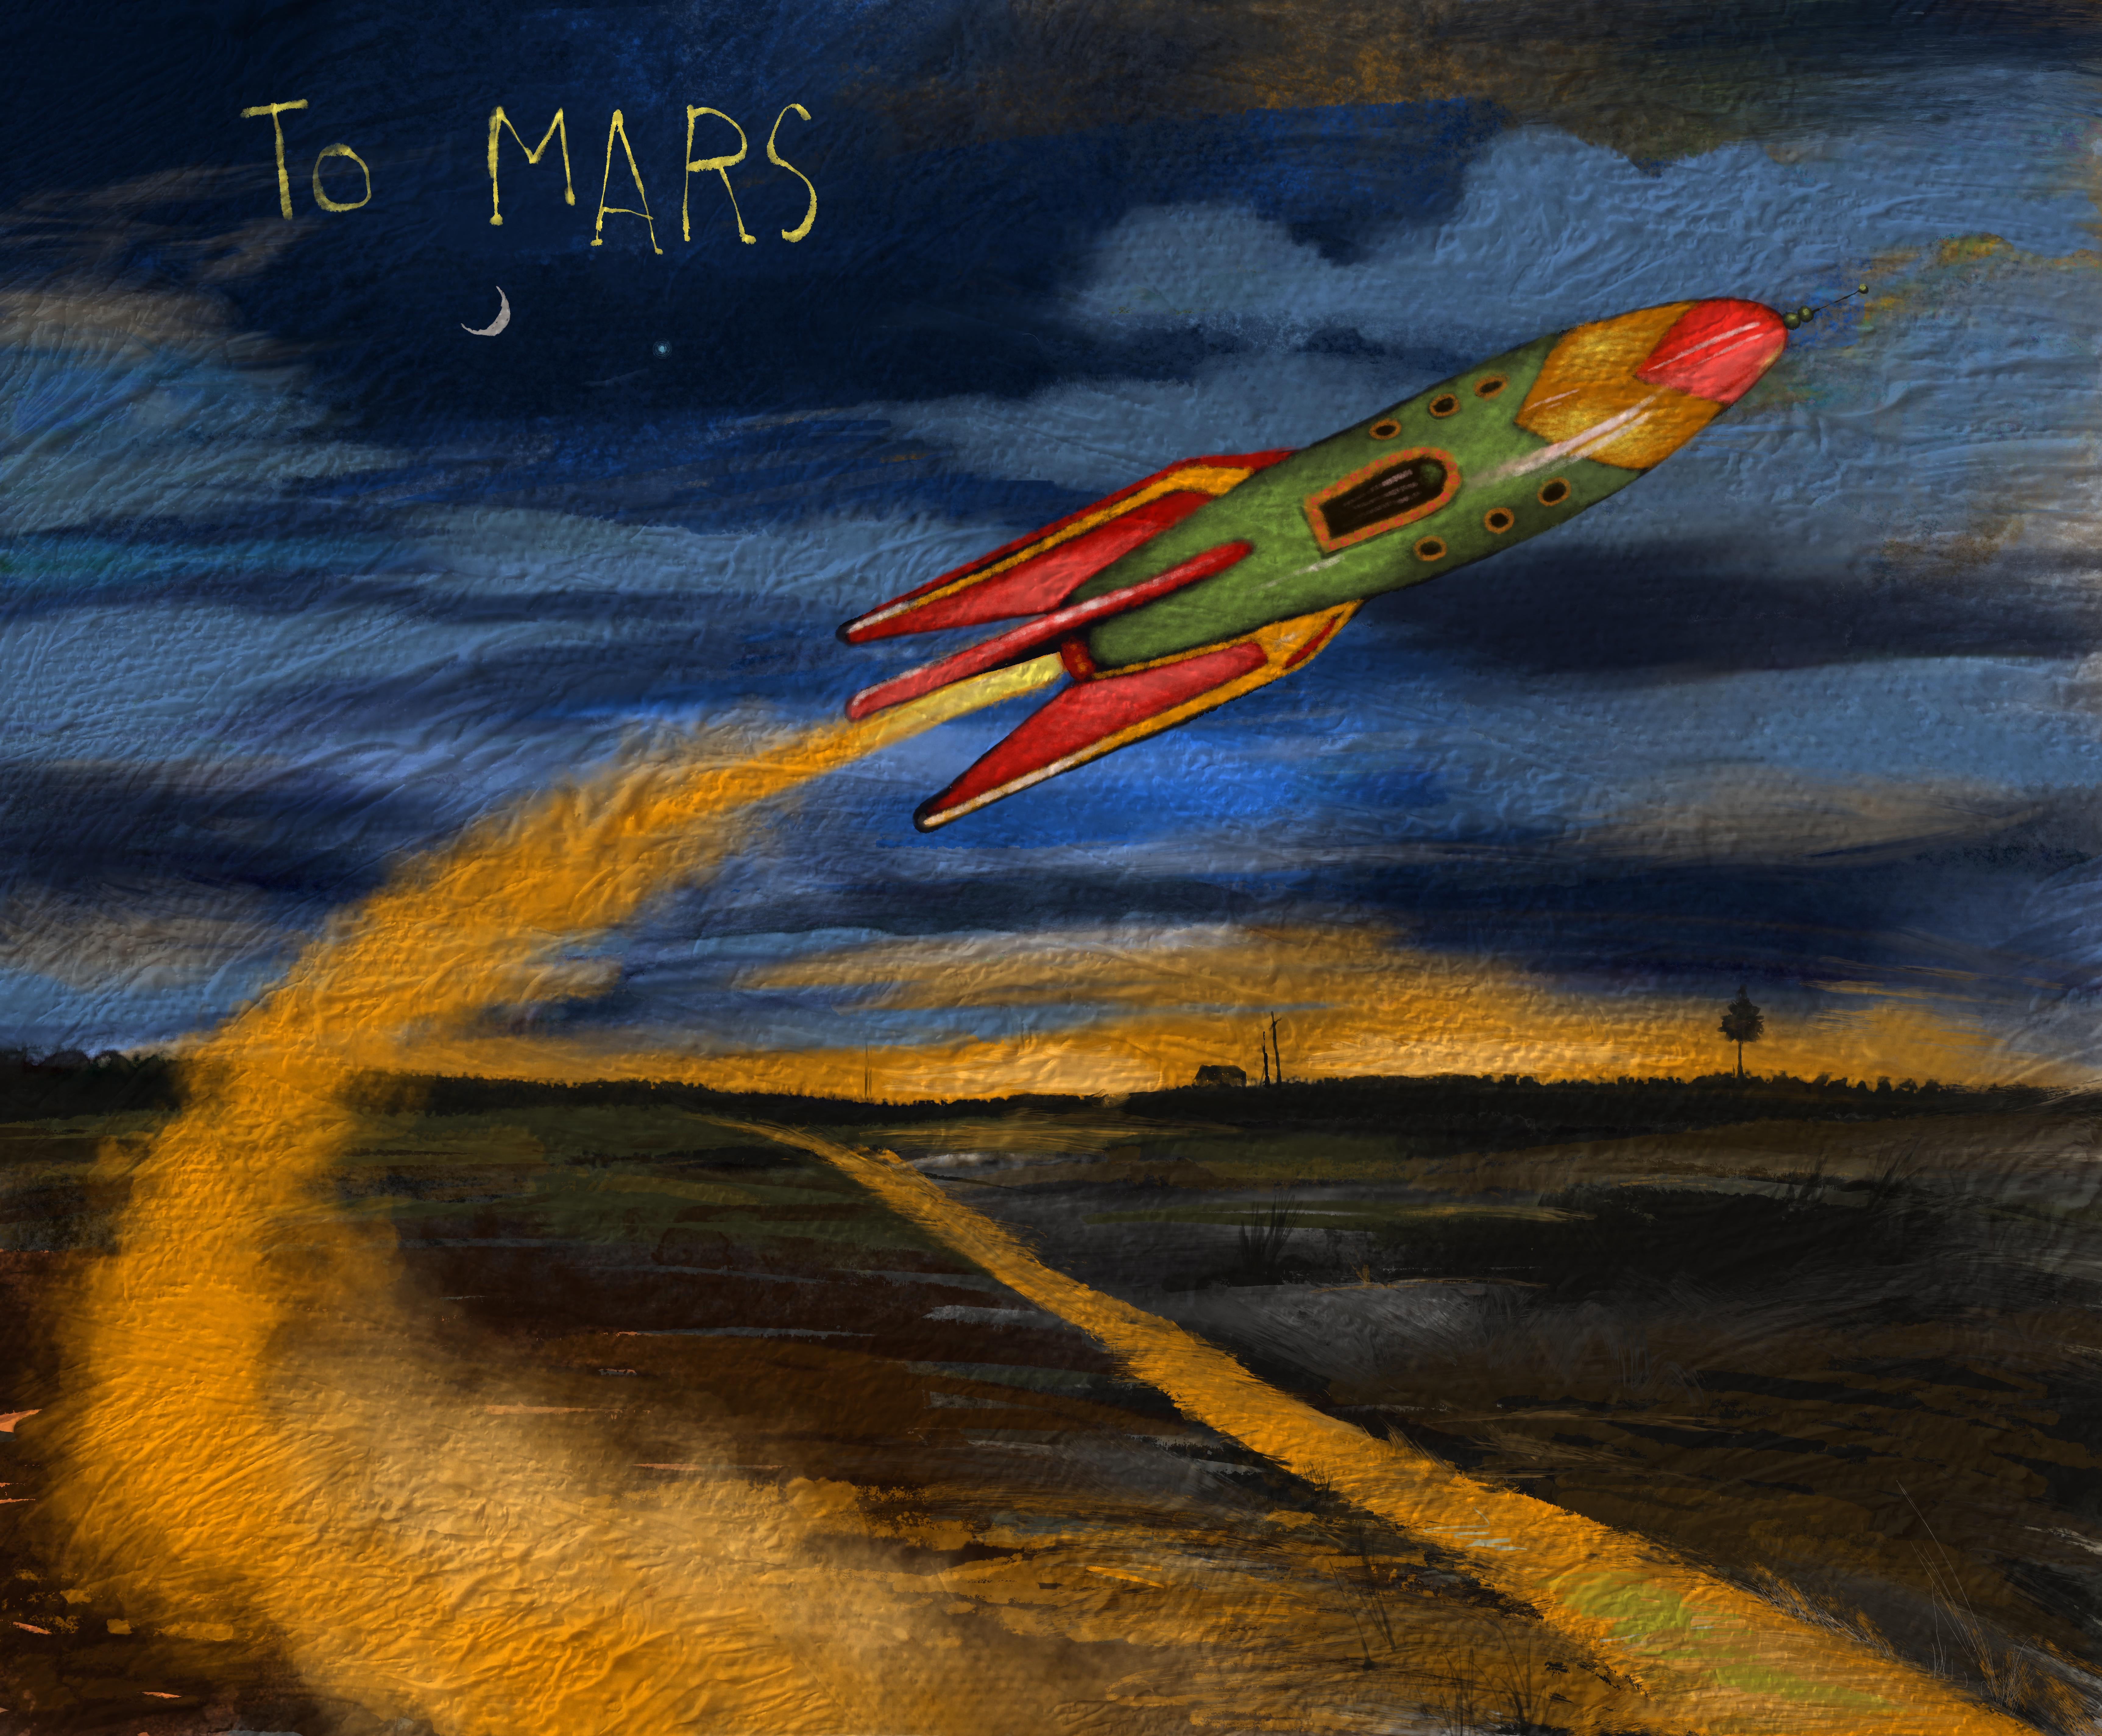 Mars_